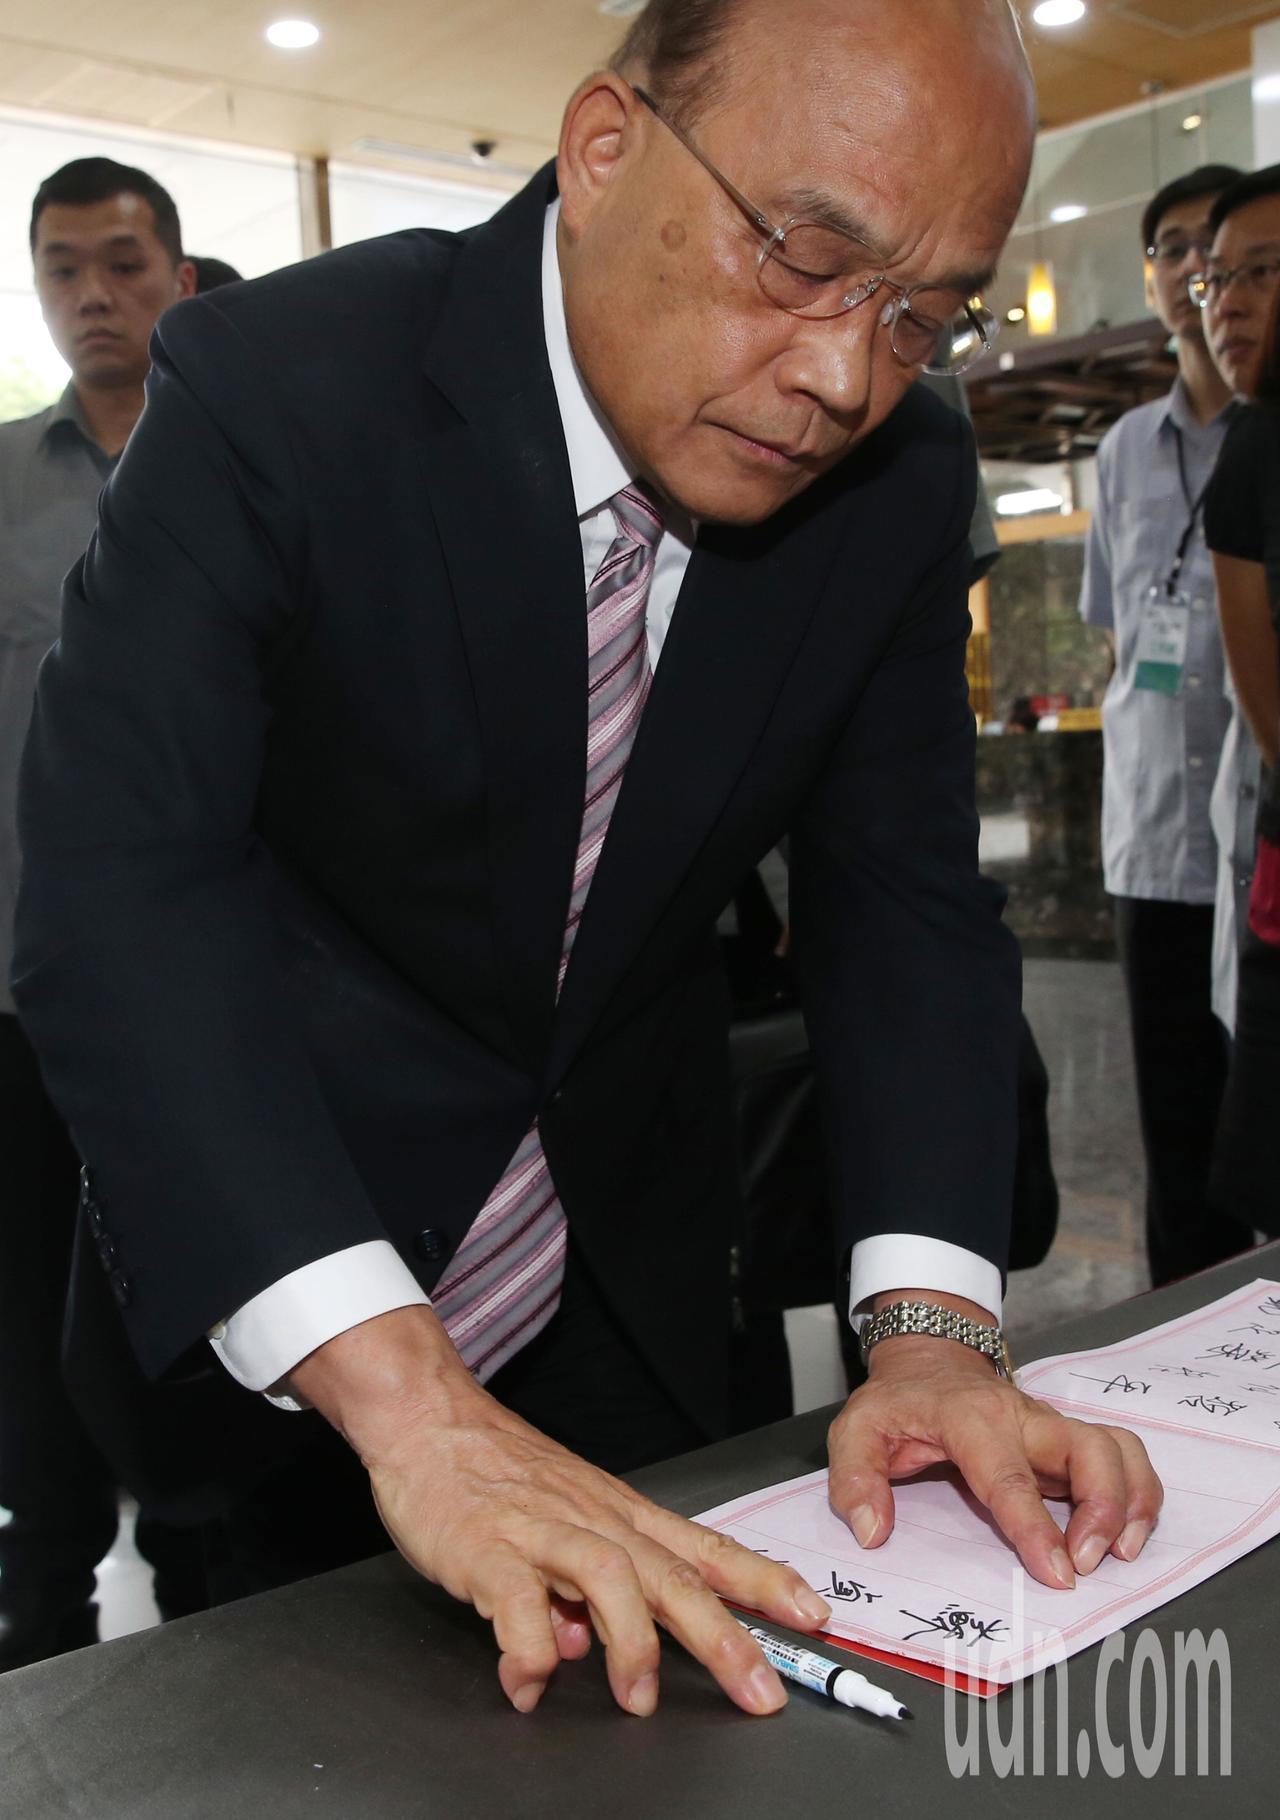 行政院長蘇貞昌下午進入頒獎活動會場前,在貴賓報到桌簽名時,心平氣和一筆一畫簽完名...